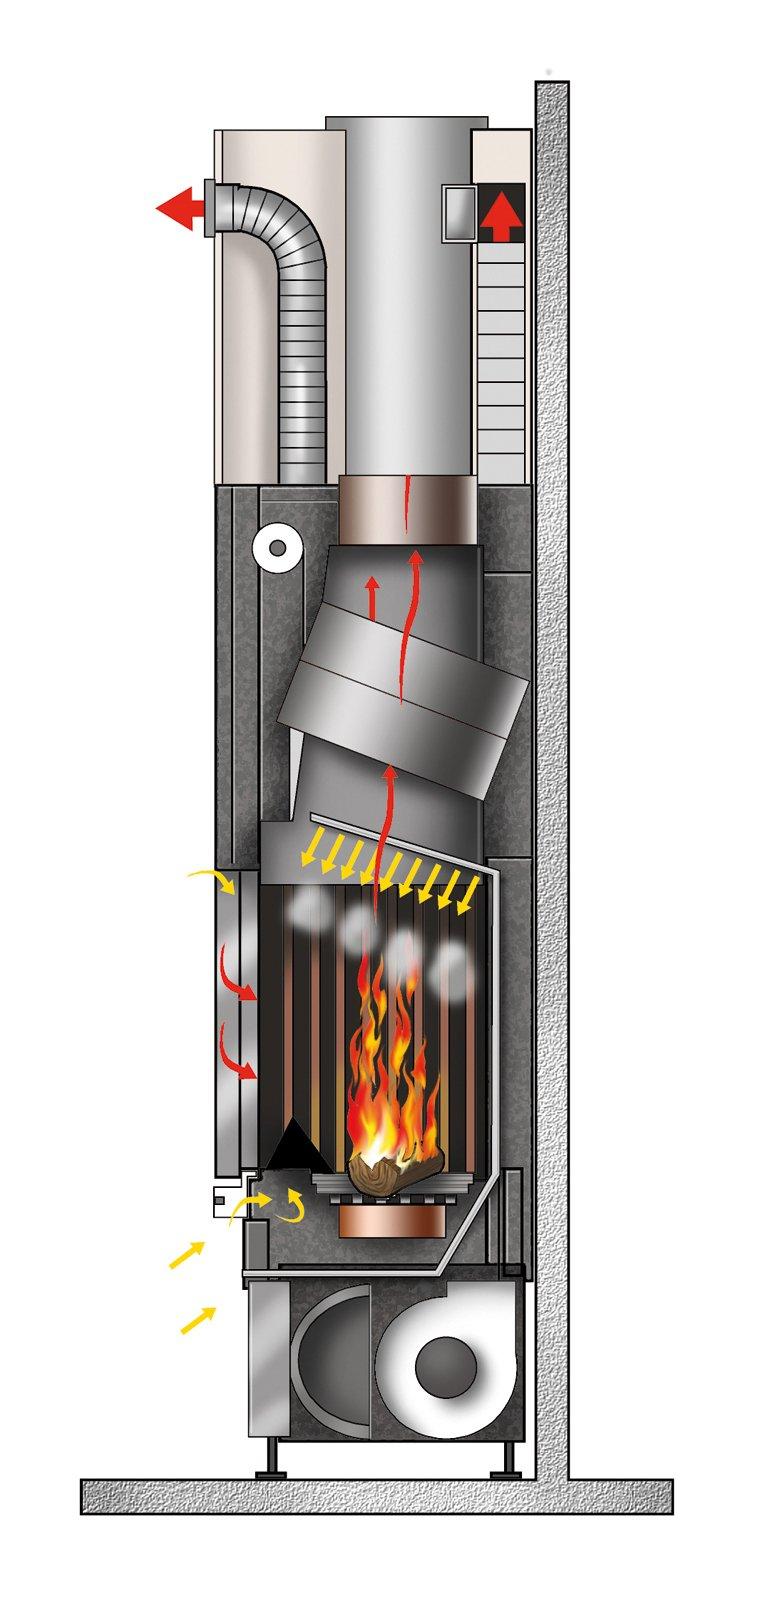 Camini e termocamini quali prezzi e caratteristiche - Scambiatore di calore casa ...